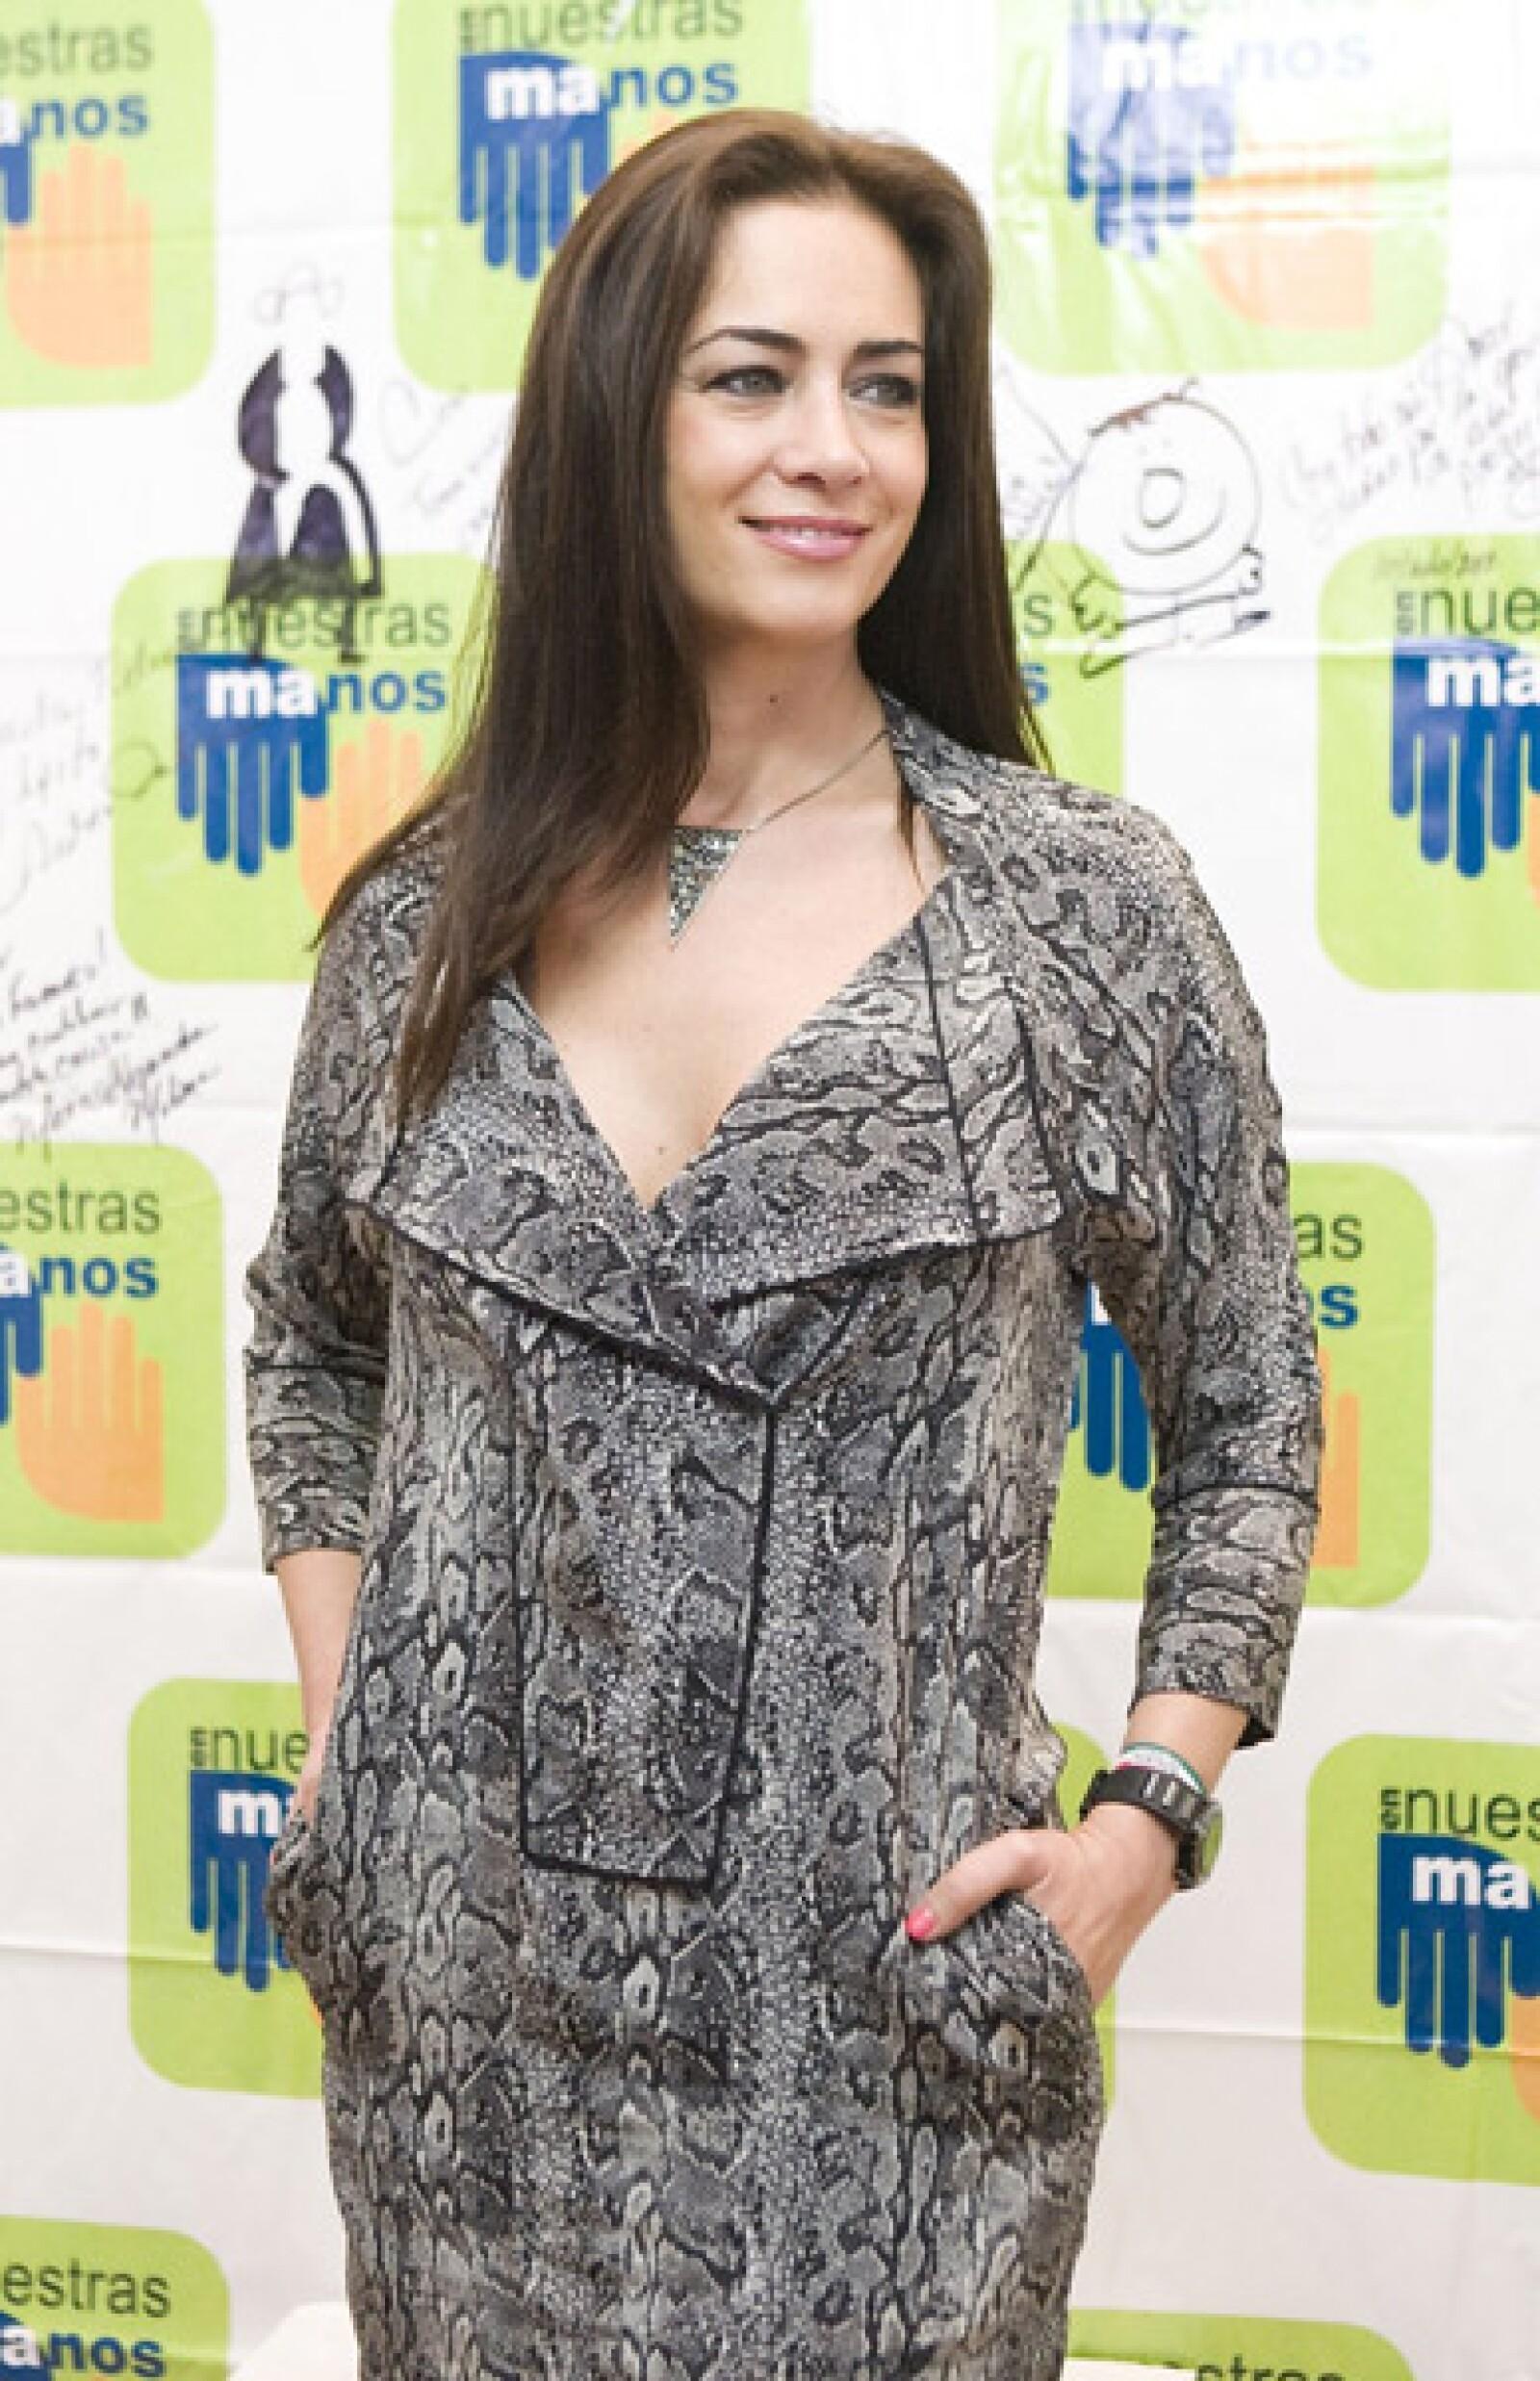 La actriz Anette Michel se le vio muy guapa en la grabación del video que reunió a artistas de las dos más importantes televisoras de México.